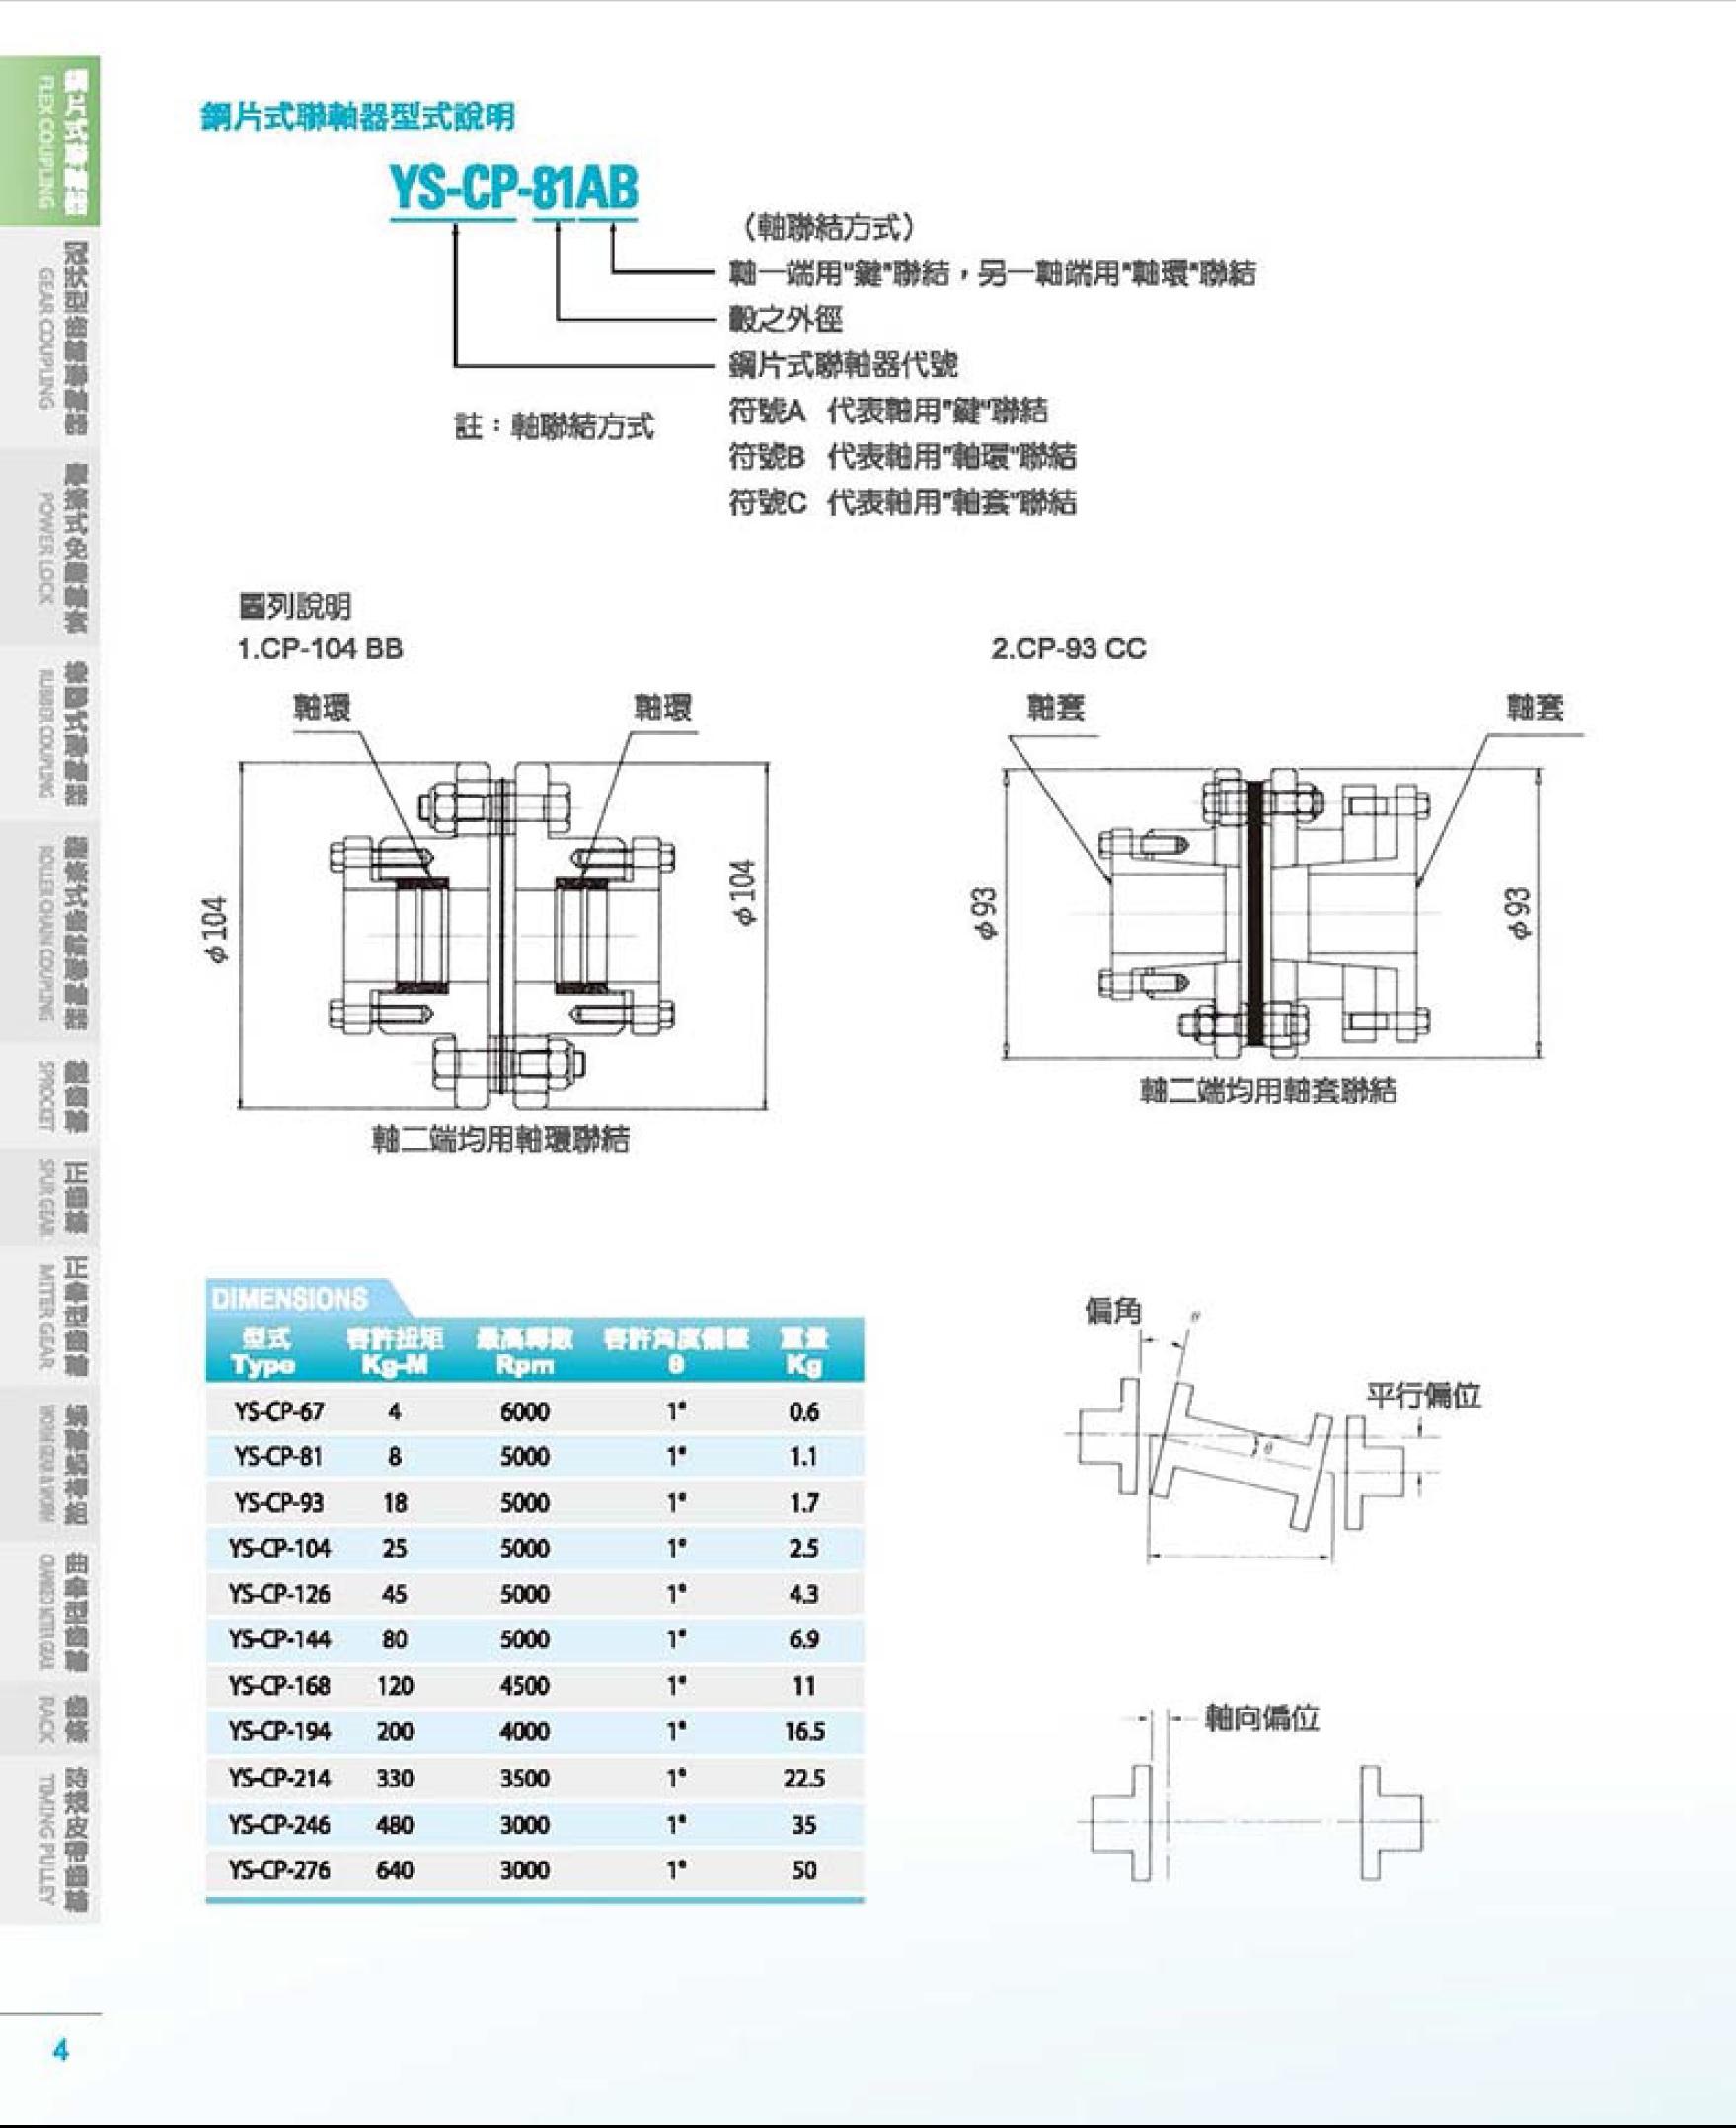 鋼片式聯軸器規格.jpg